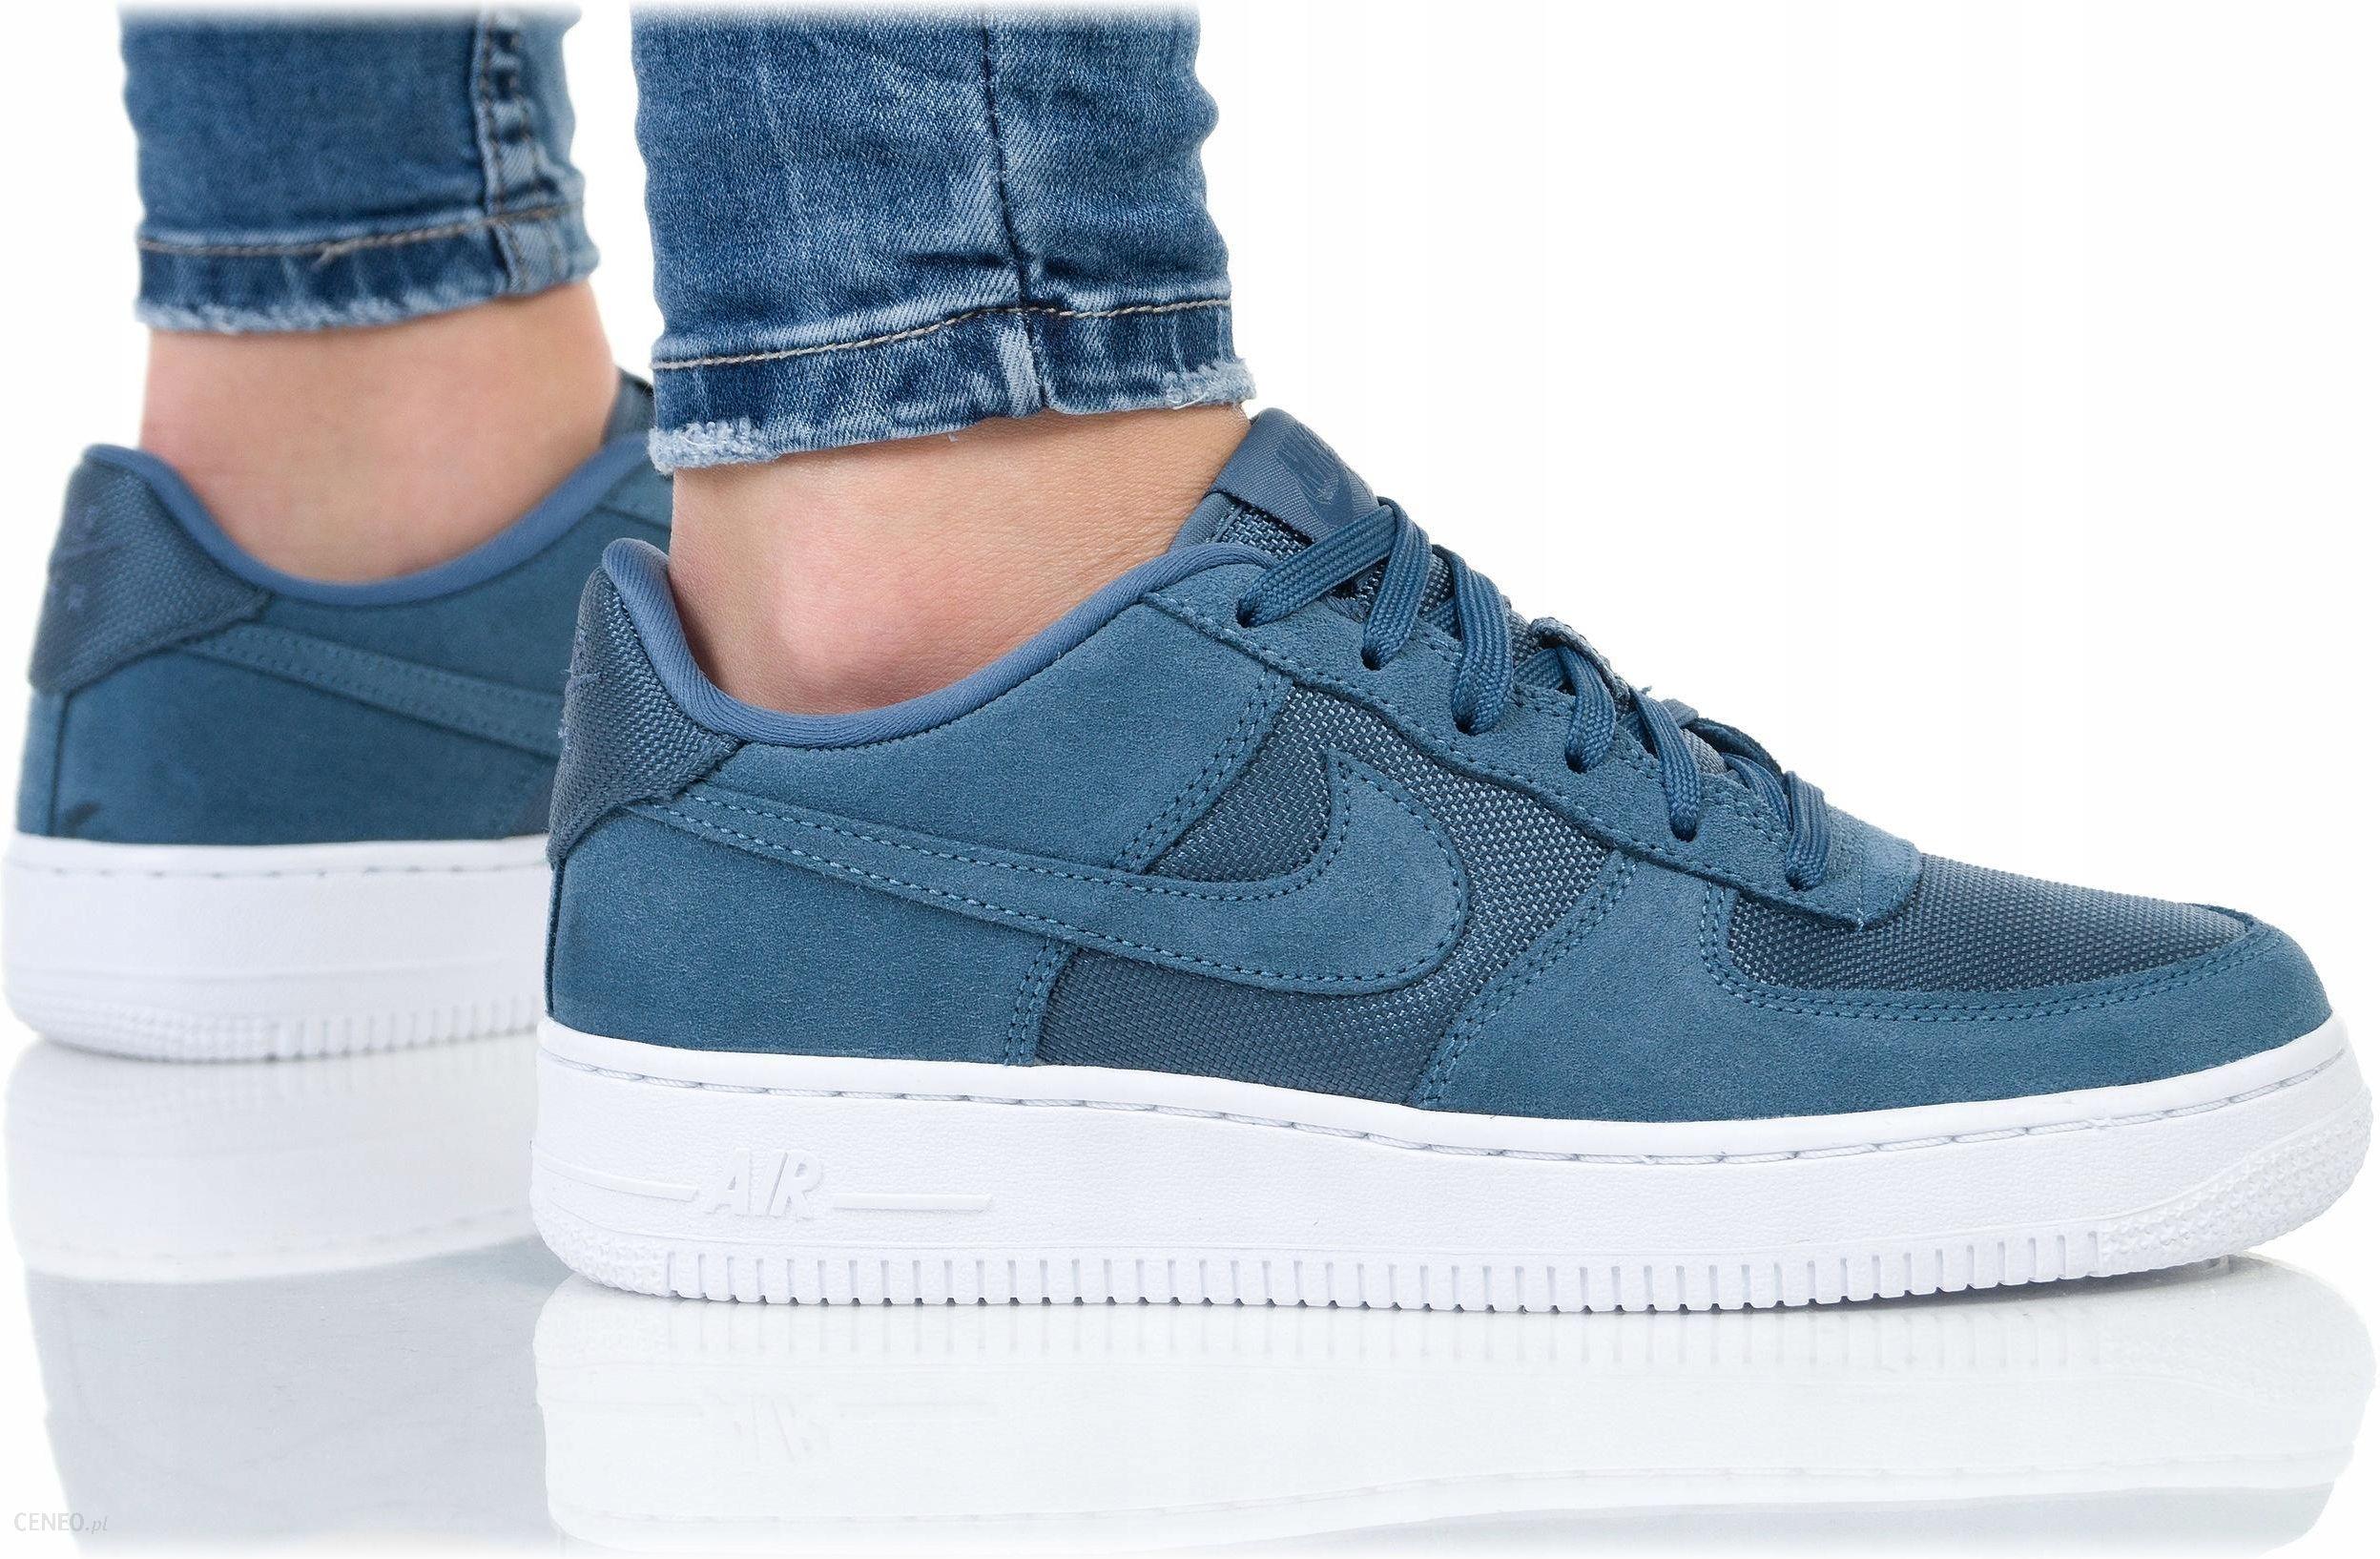 przejść do trybu online strona internetowa ze zniżką klasyczne buty Buty Nike Damskie Air Force 1-1 (gs) BQ6979-400